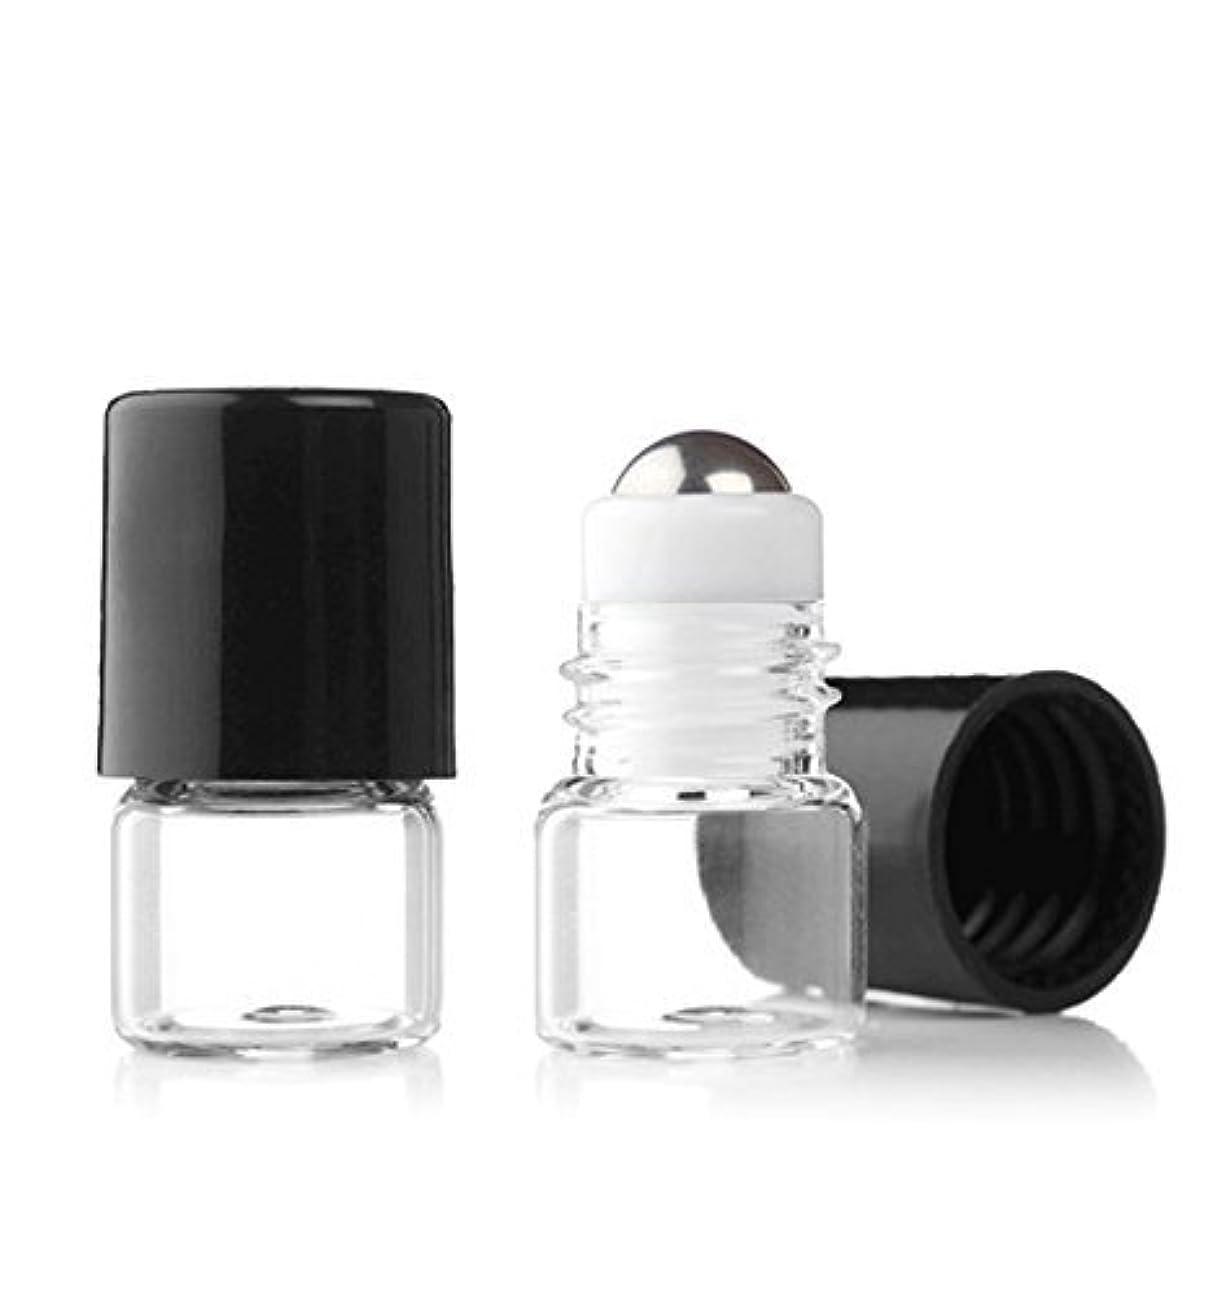 テロ銃半ばGrand Parfums Empty 1ml Micro Mini Rollon Dram Glass Bottles with Metal Roller Balls - Refillable Aromatherapy...